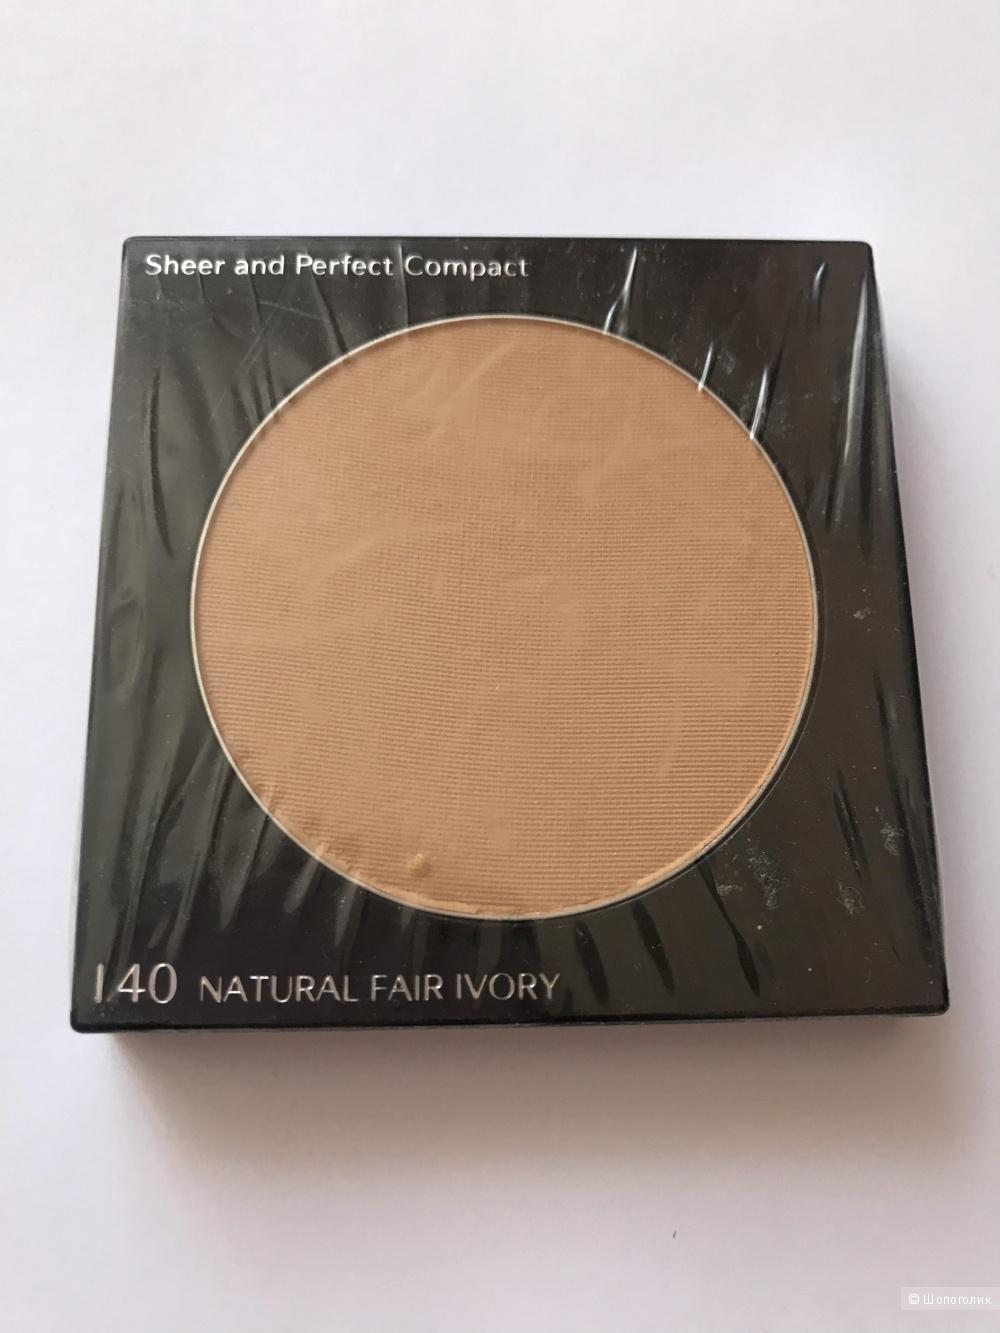 Пудра Shiseido Sheer and Perfect Compact, тон i40.